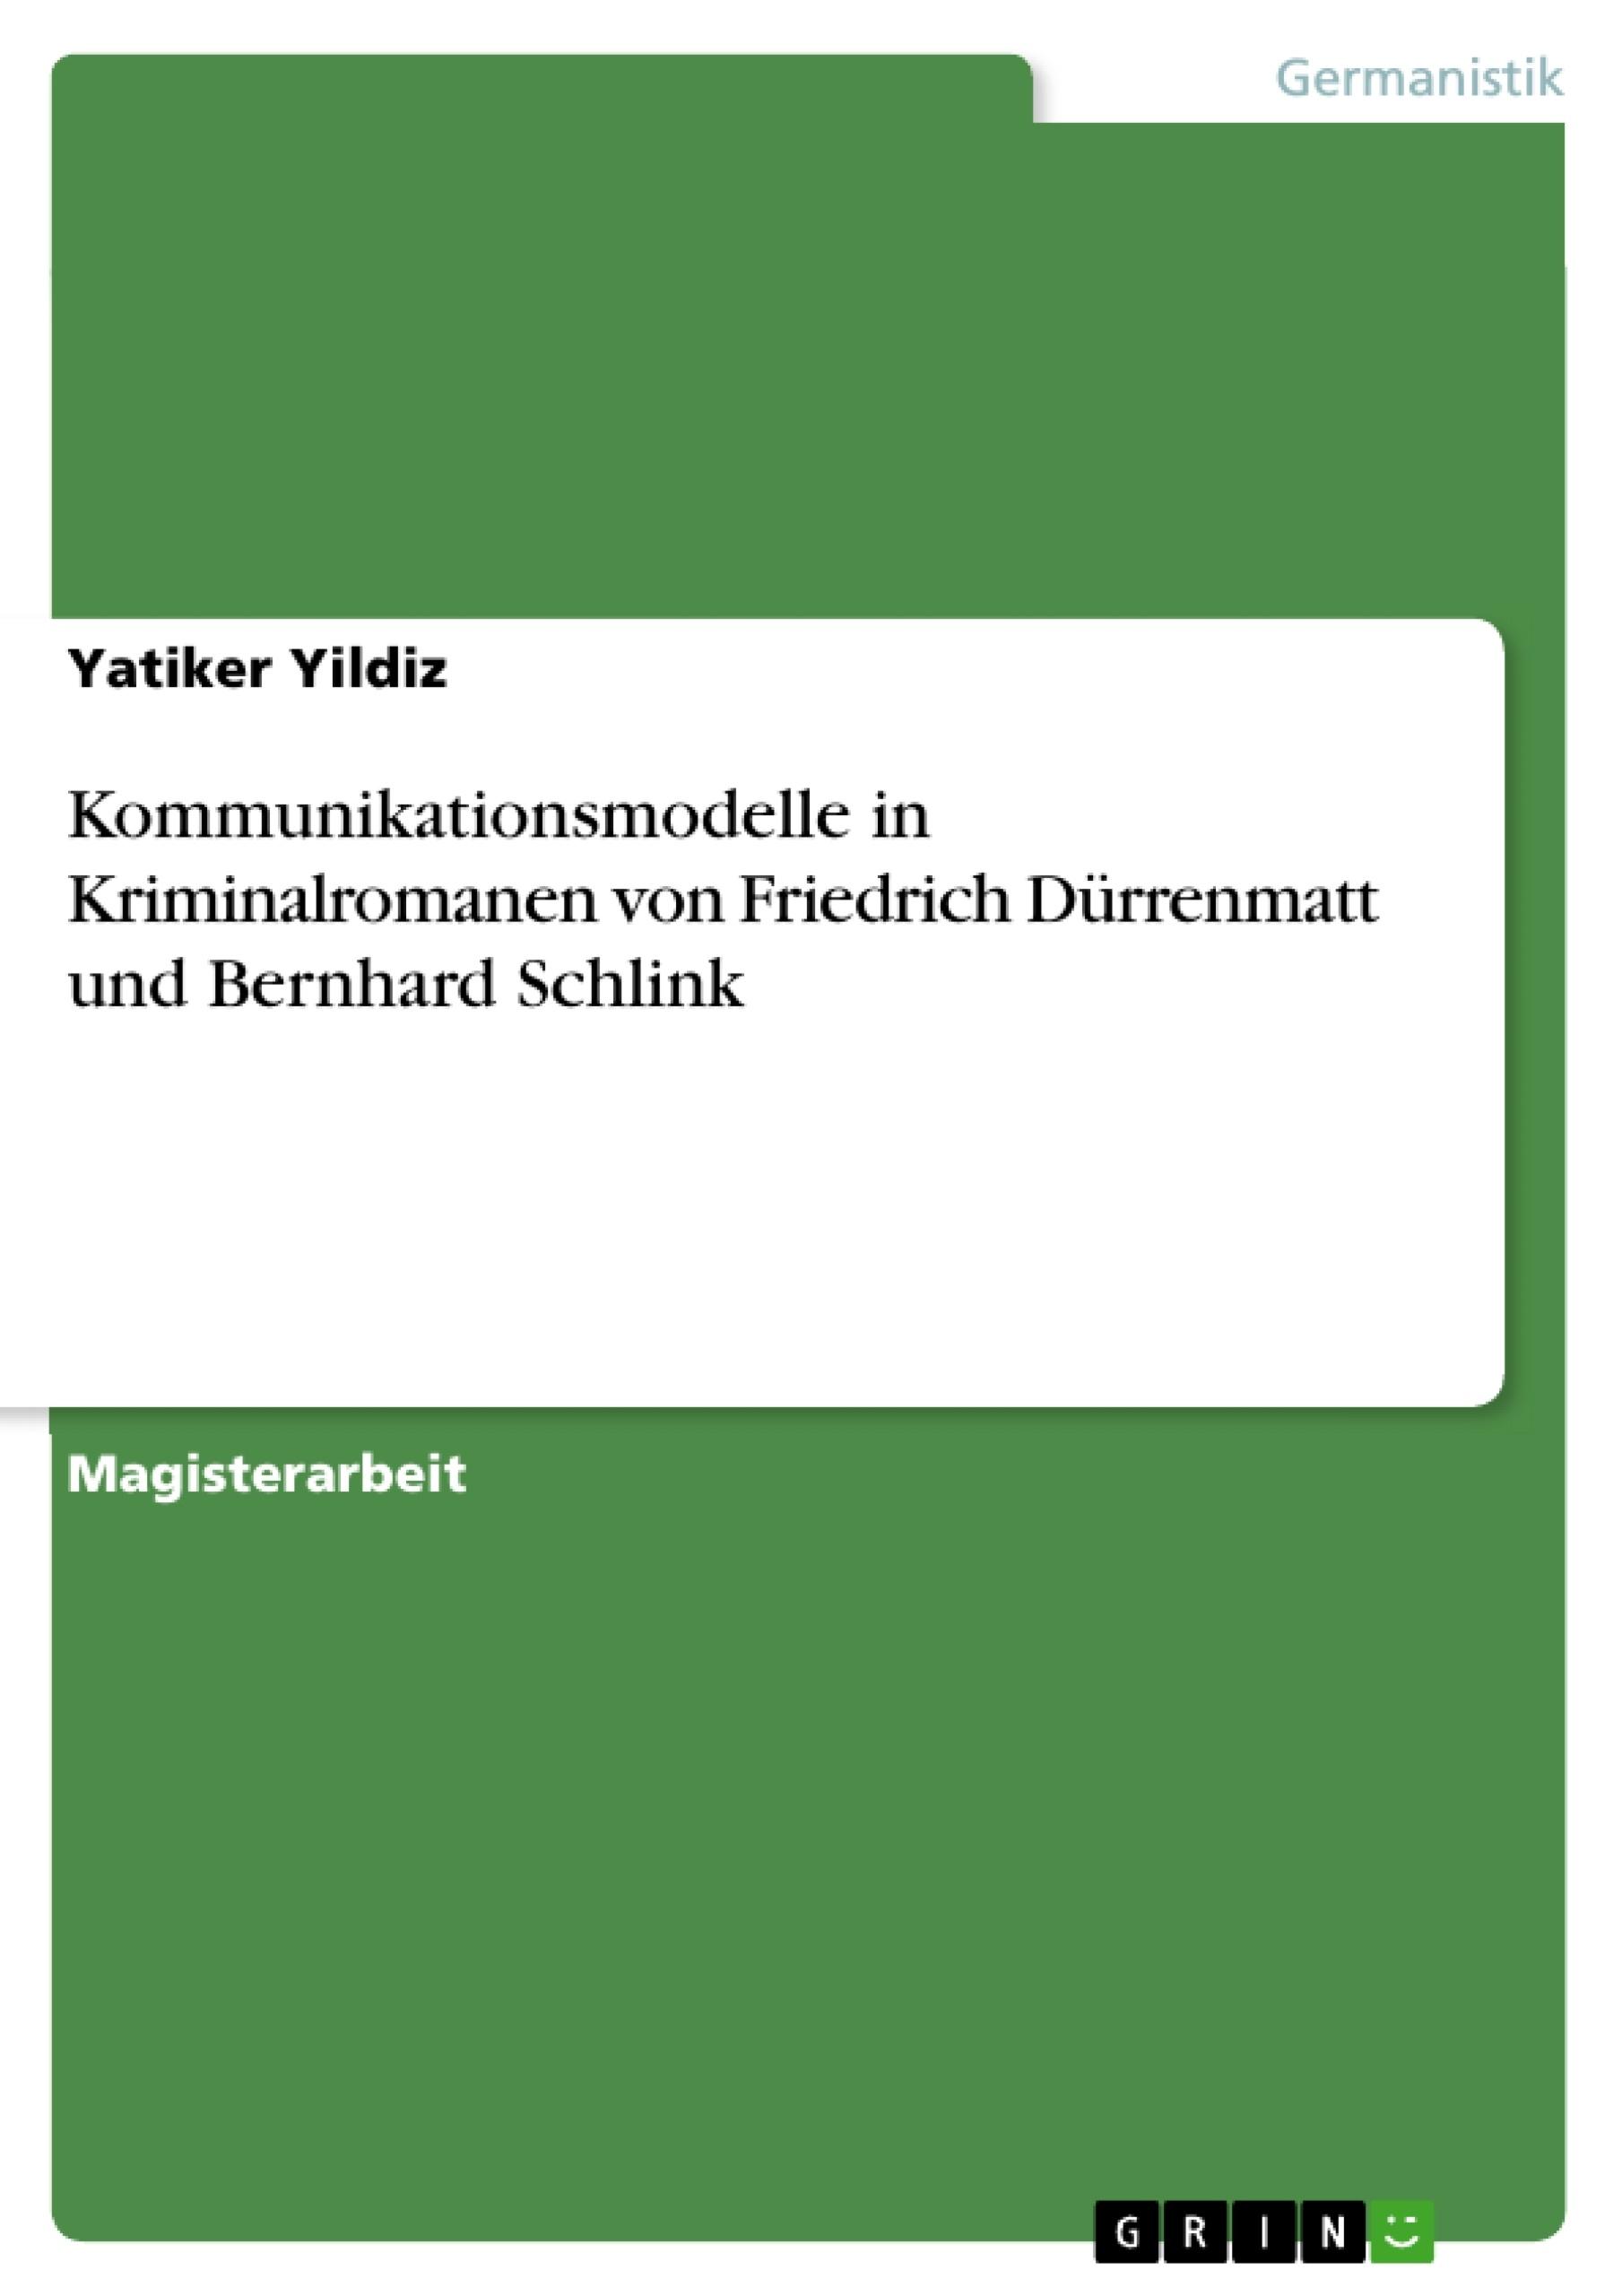 Titel: Kommunikationsmodelle in Kriminalromanen von Friedrich Dürrenmatt und Bernhard Schlink